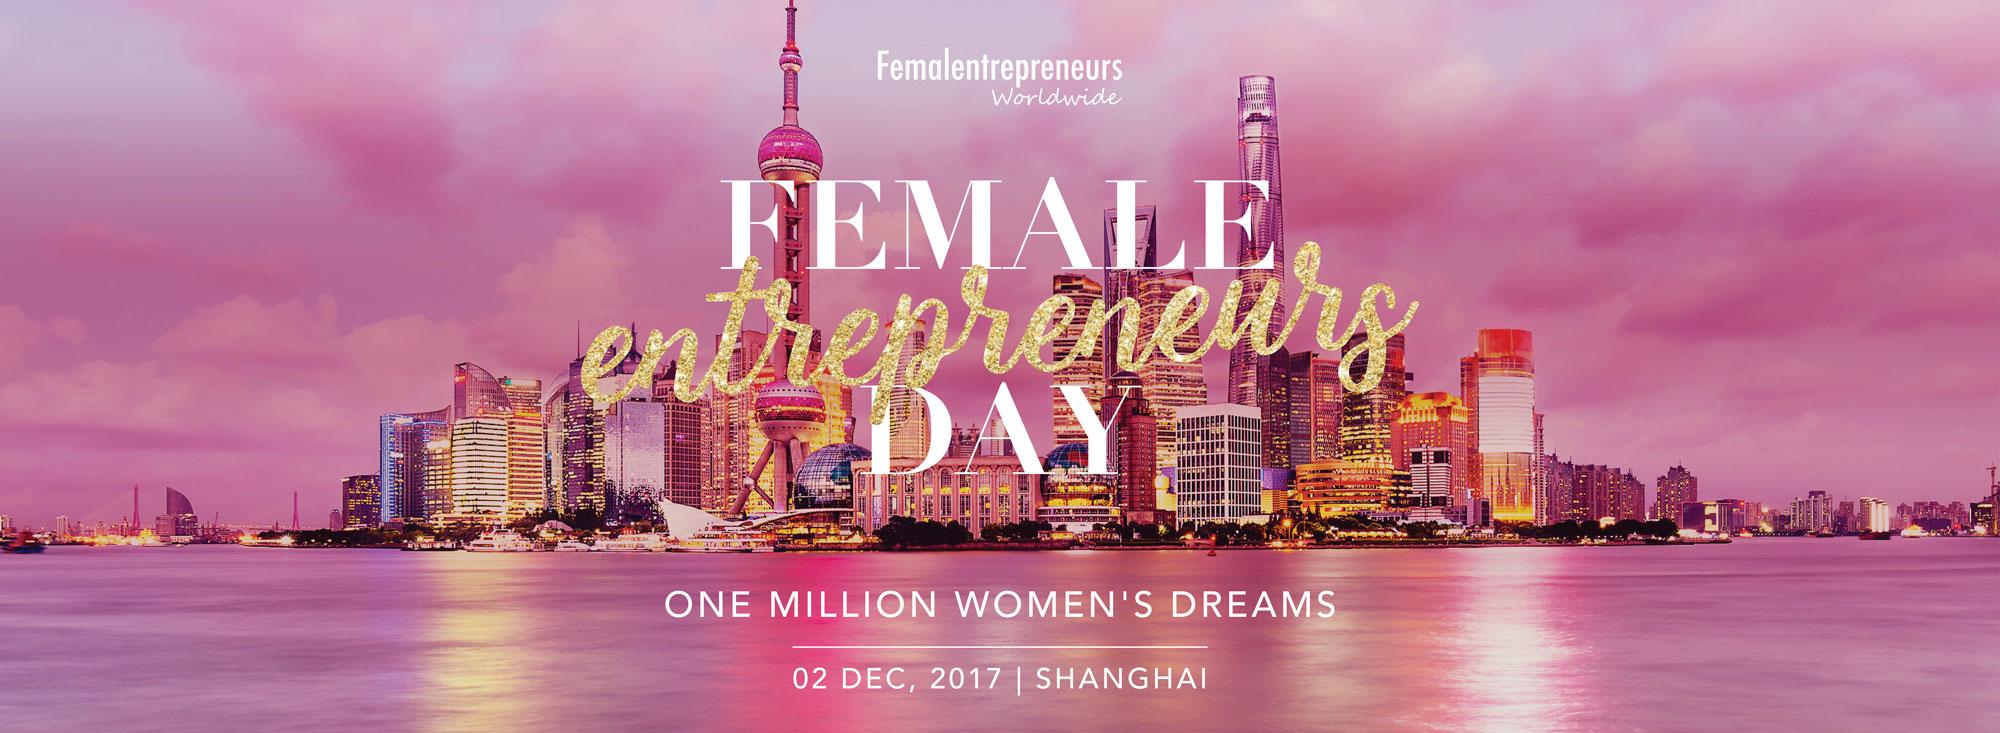 Femaleentrepreneursday.jpg